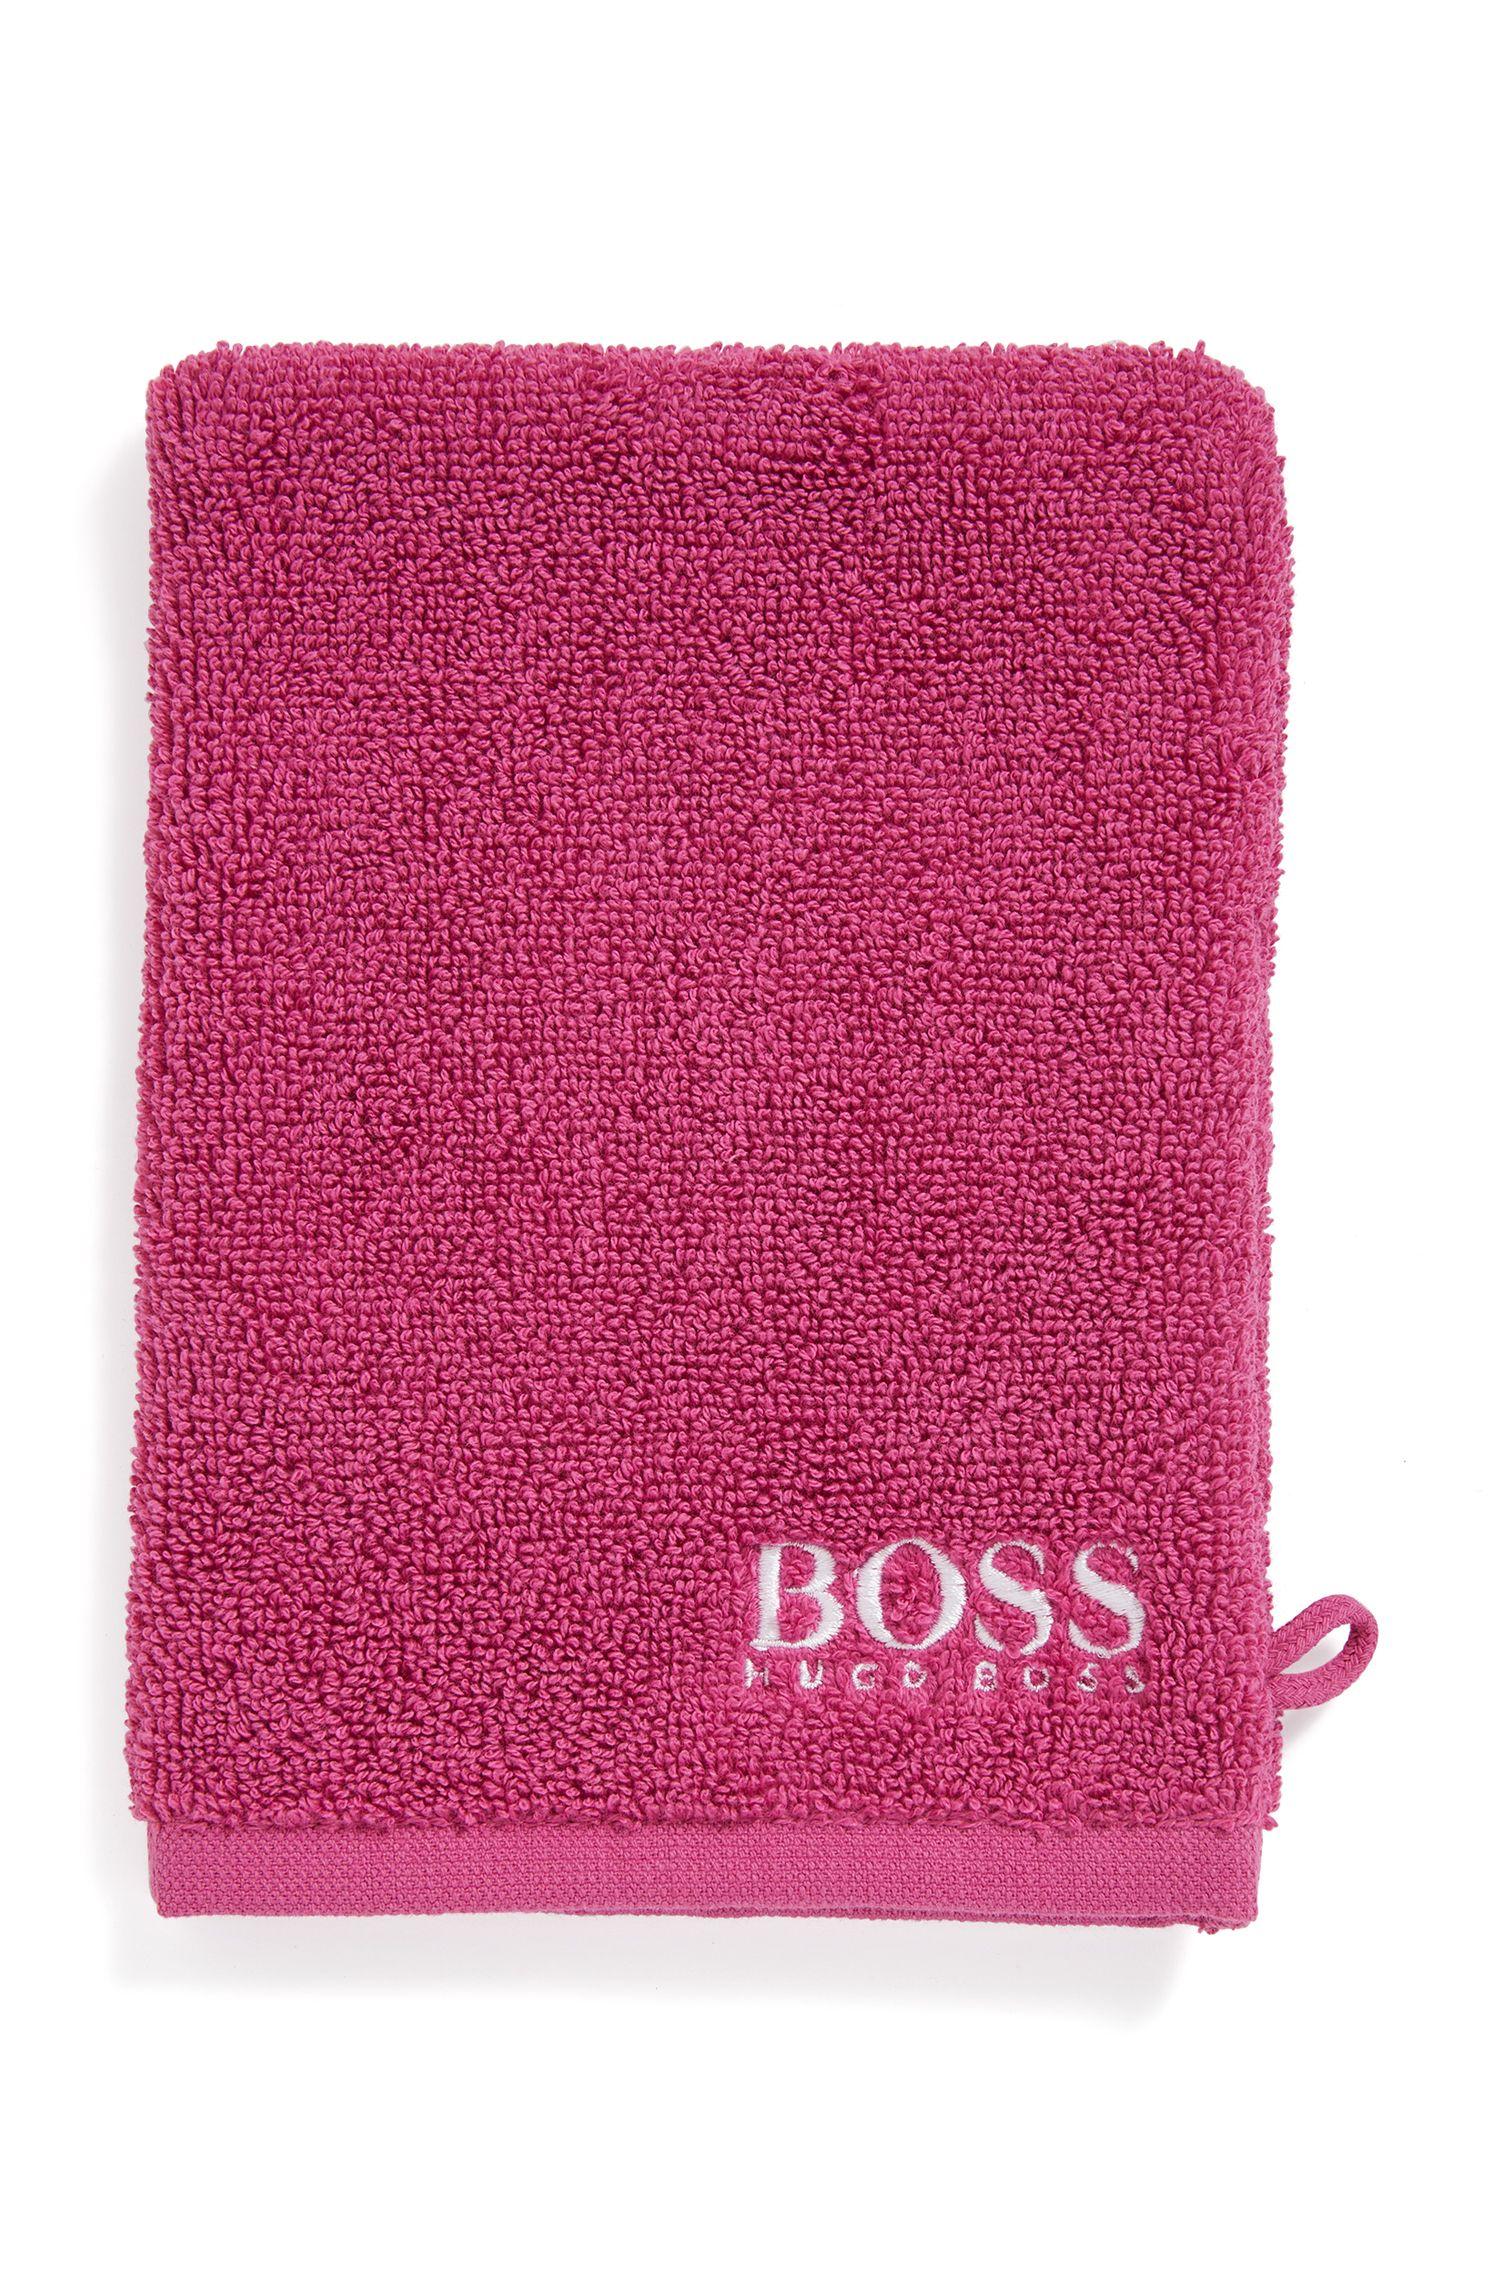 Gant de toilette en coton égyptien des plus raffinés avec logo brodé contrastant, Rose